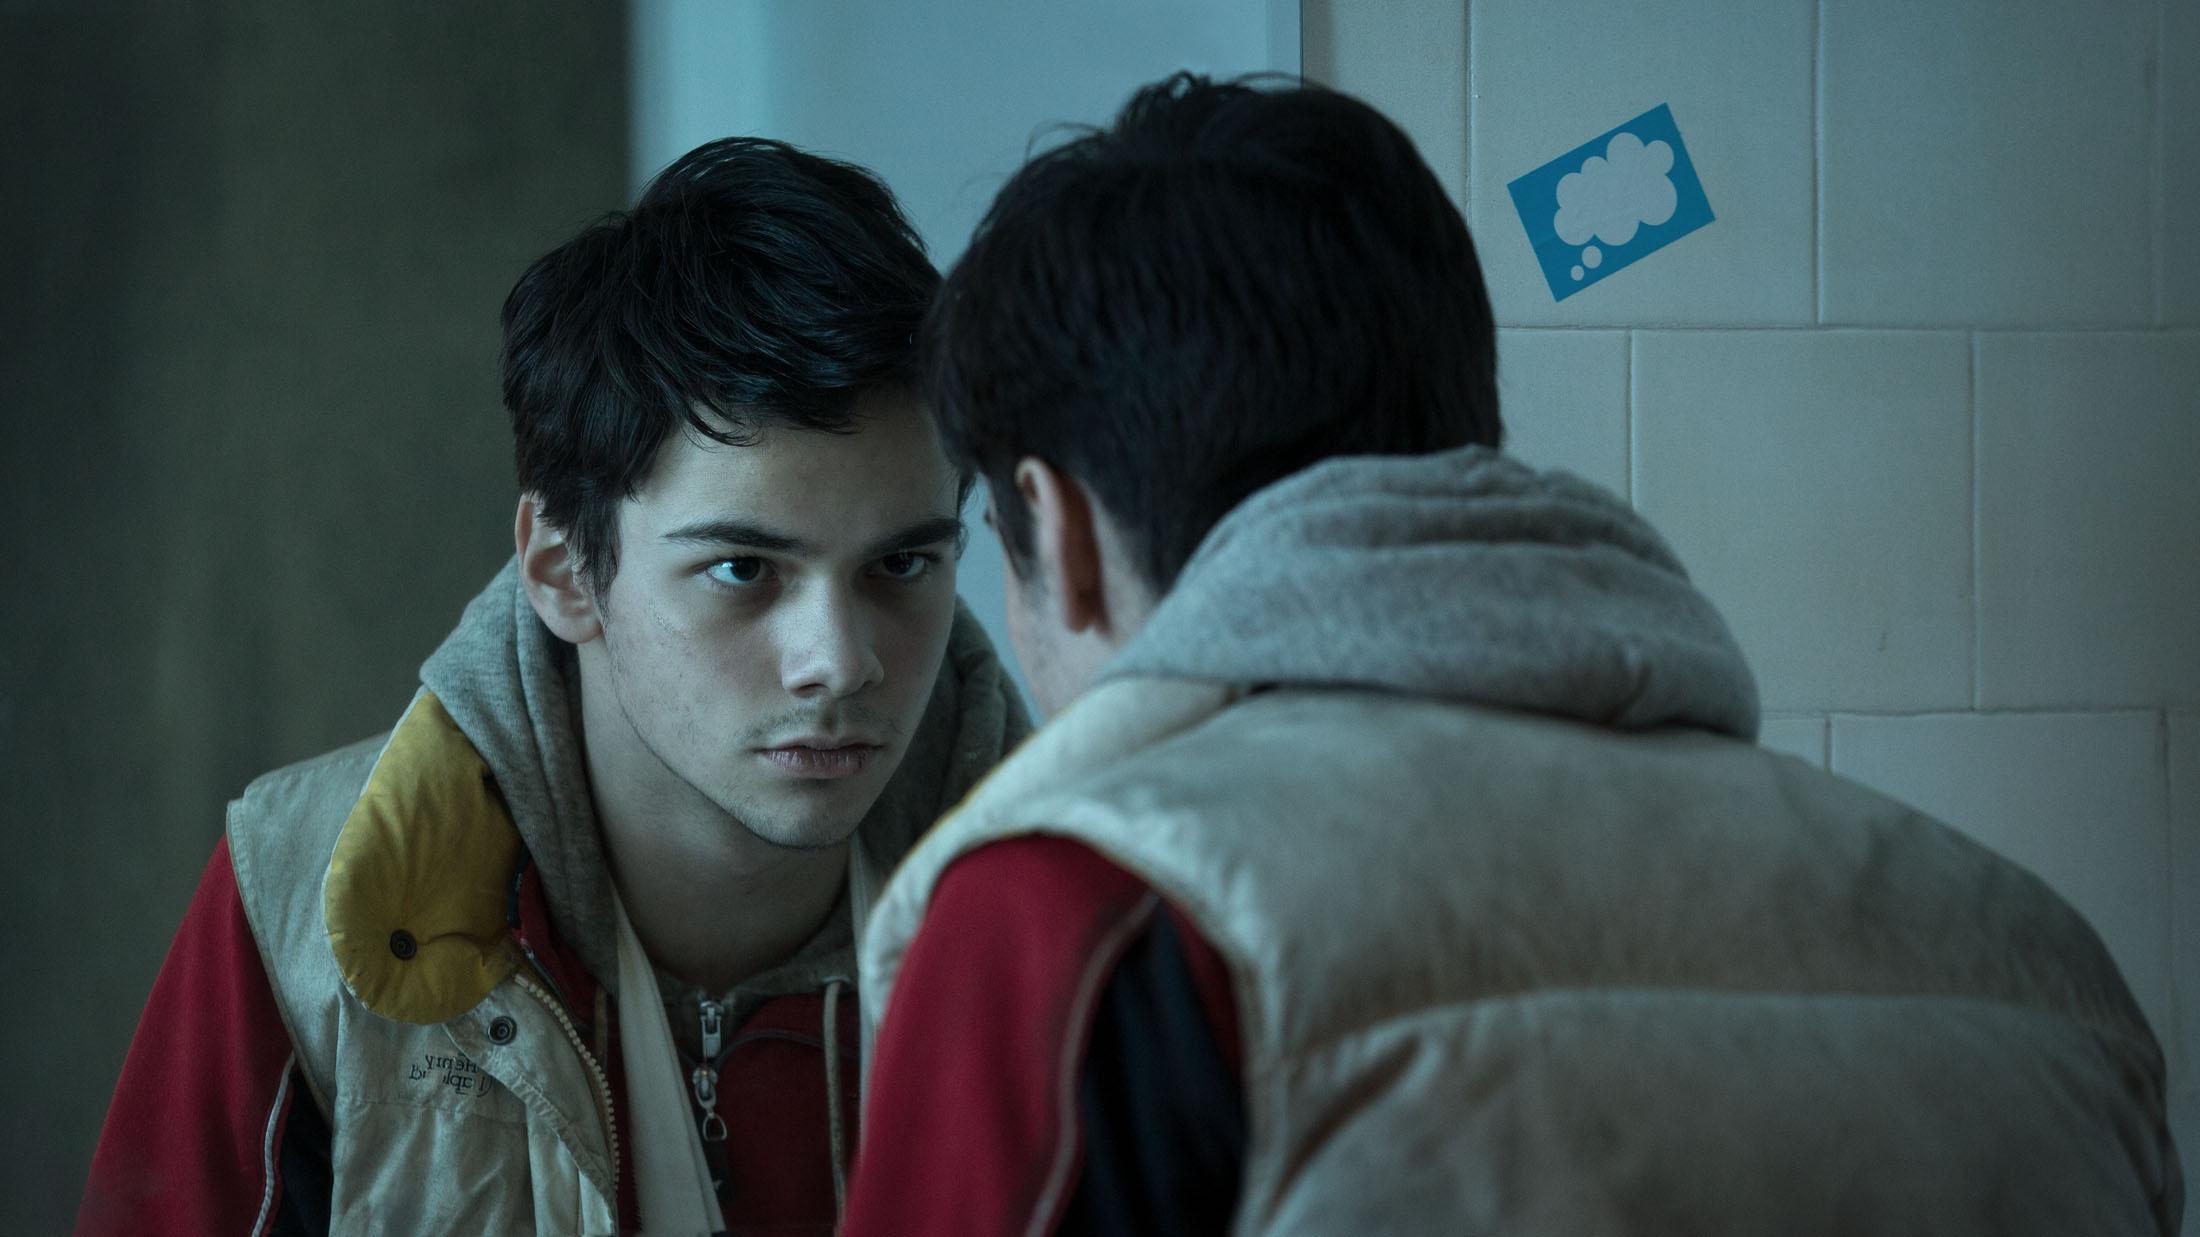 Bogdan Iancu in IN BLUE directed by Jaap van Heusden.DoP Melle van Essen.Courtesy IJswater Films/Caviar Content